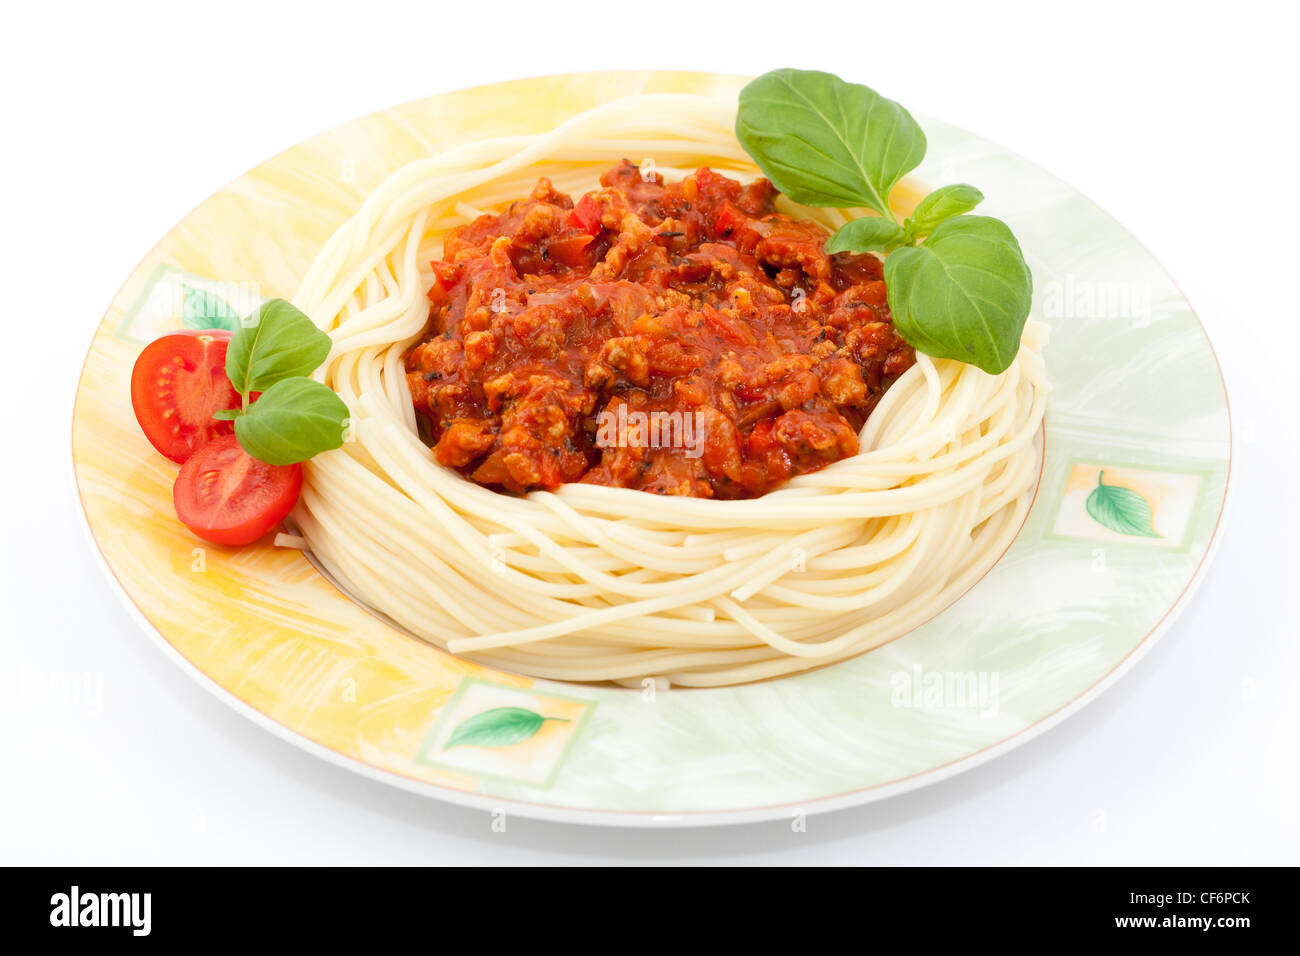 Des pâtes avec sauce tomate et basilic frais Photo Stock